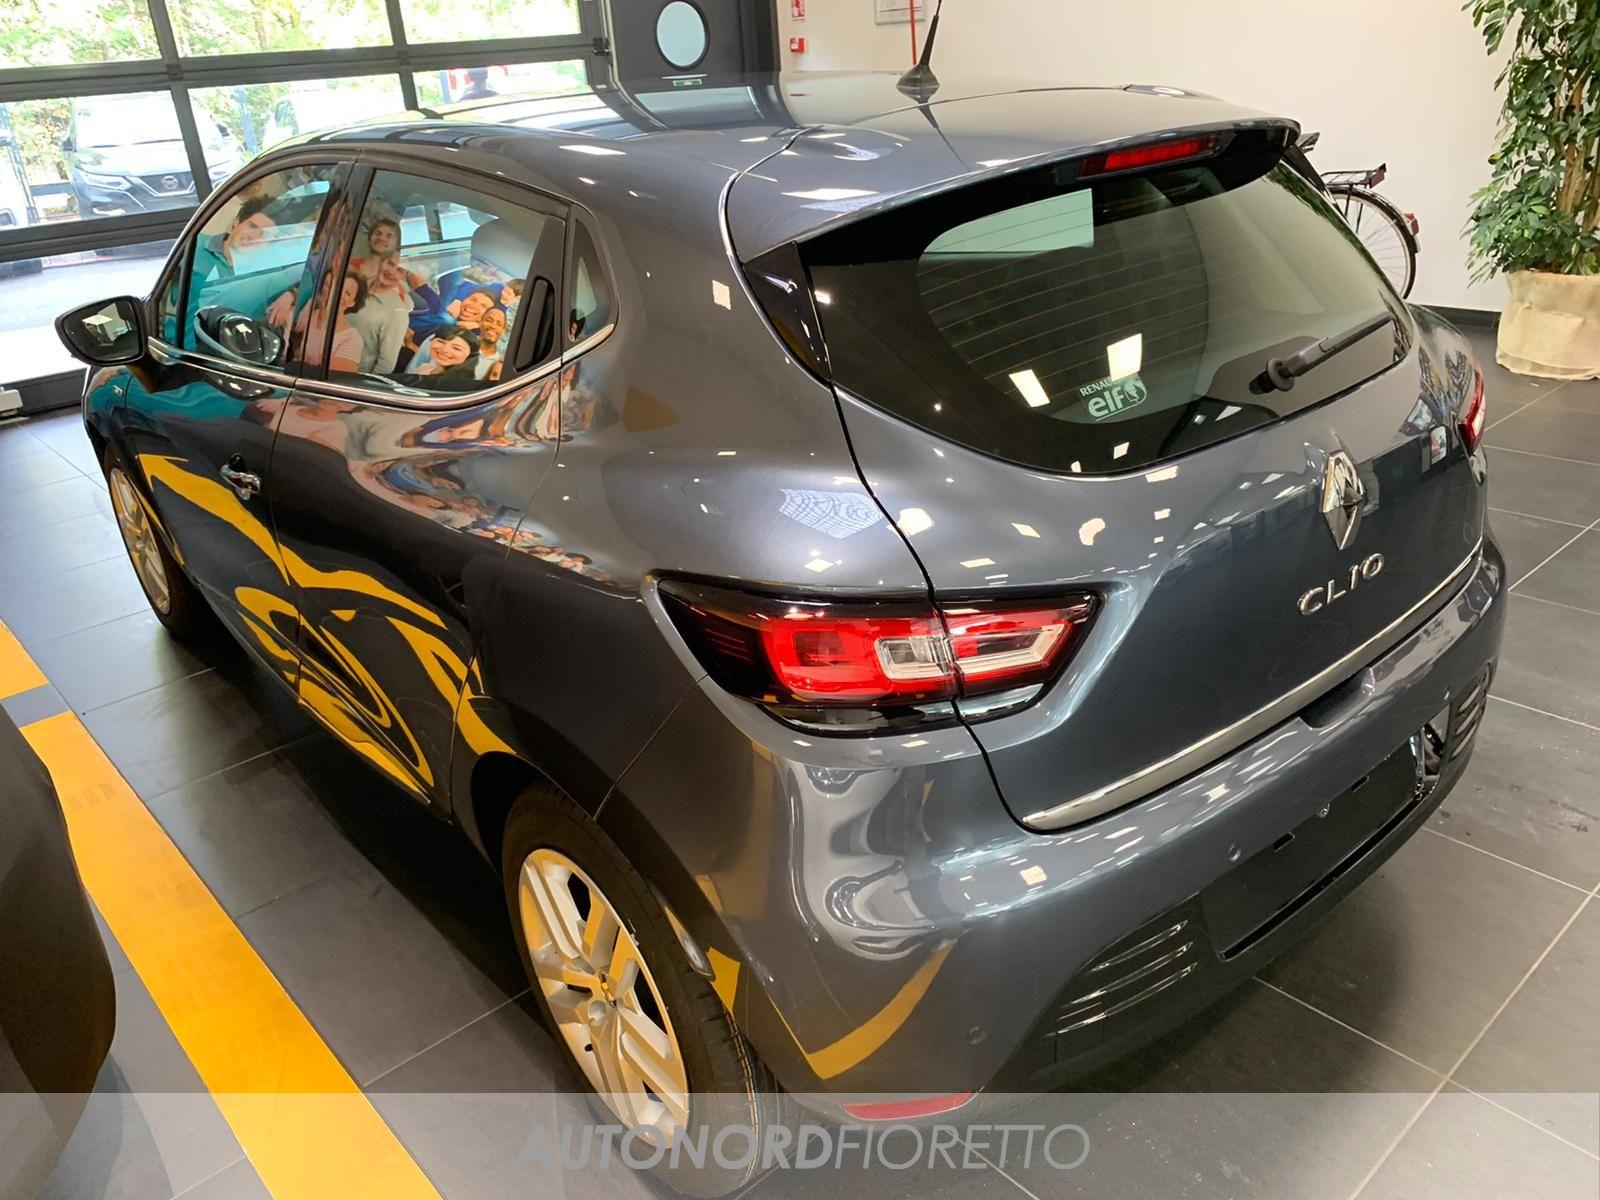 AUTONORD Renault Clio